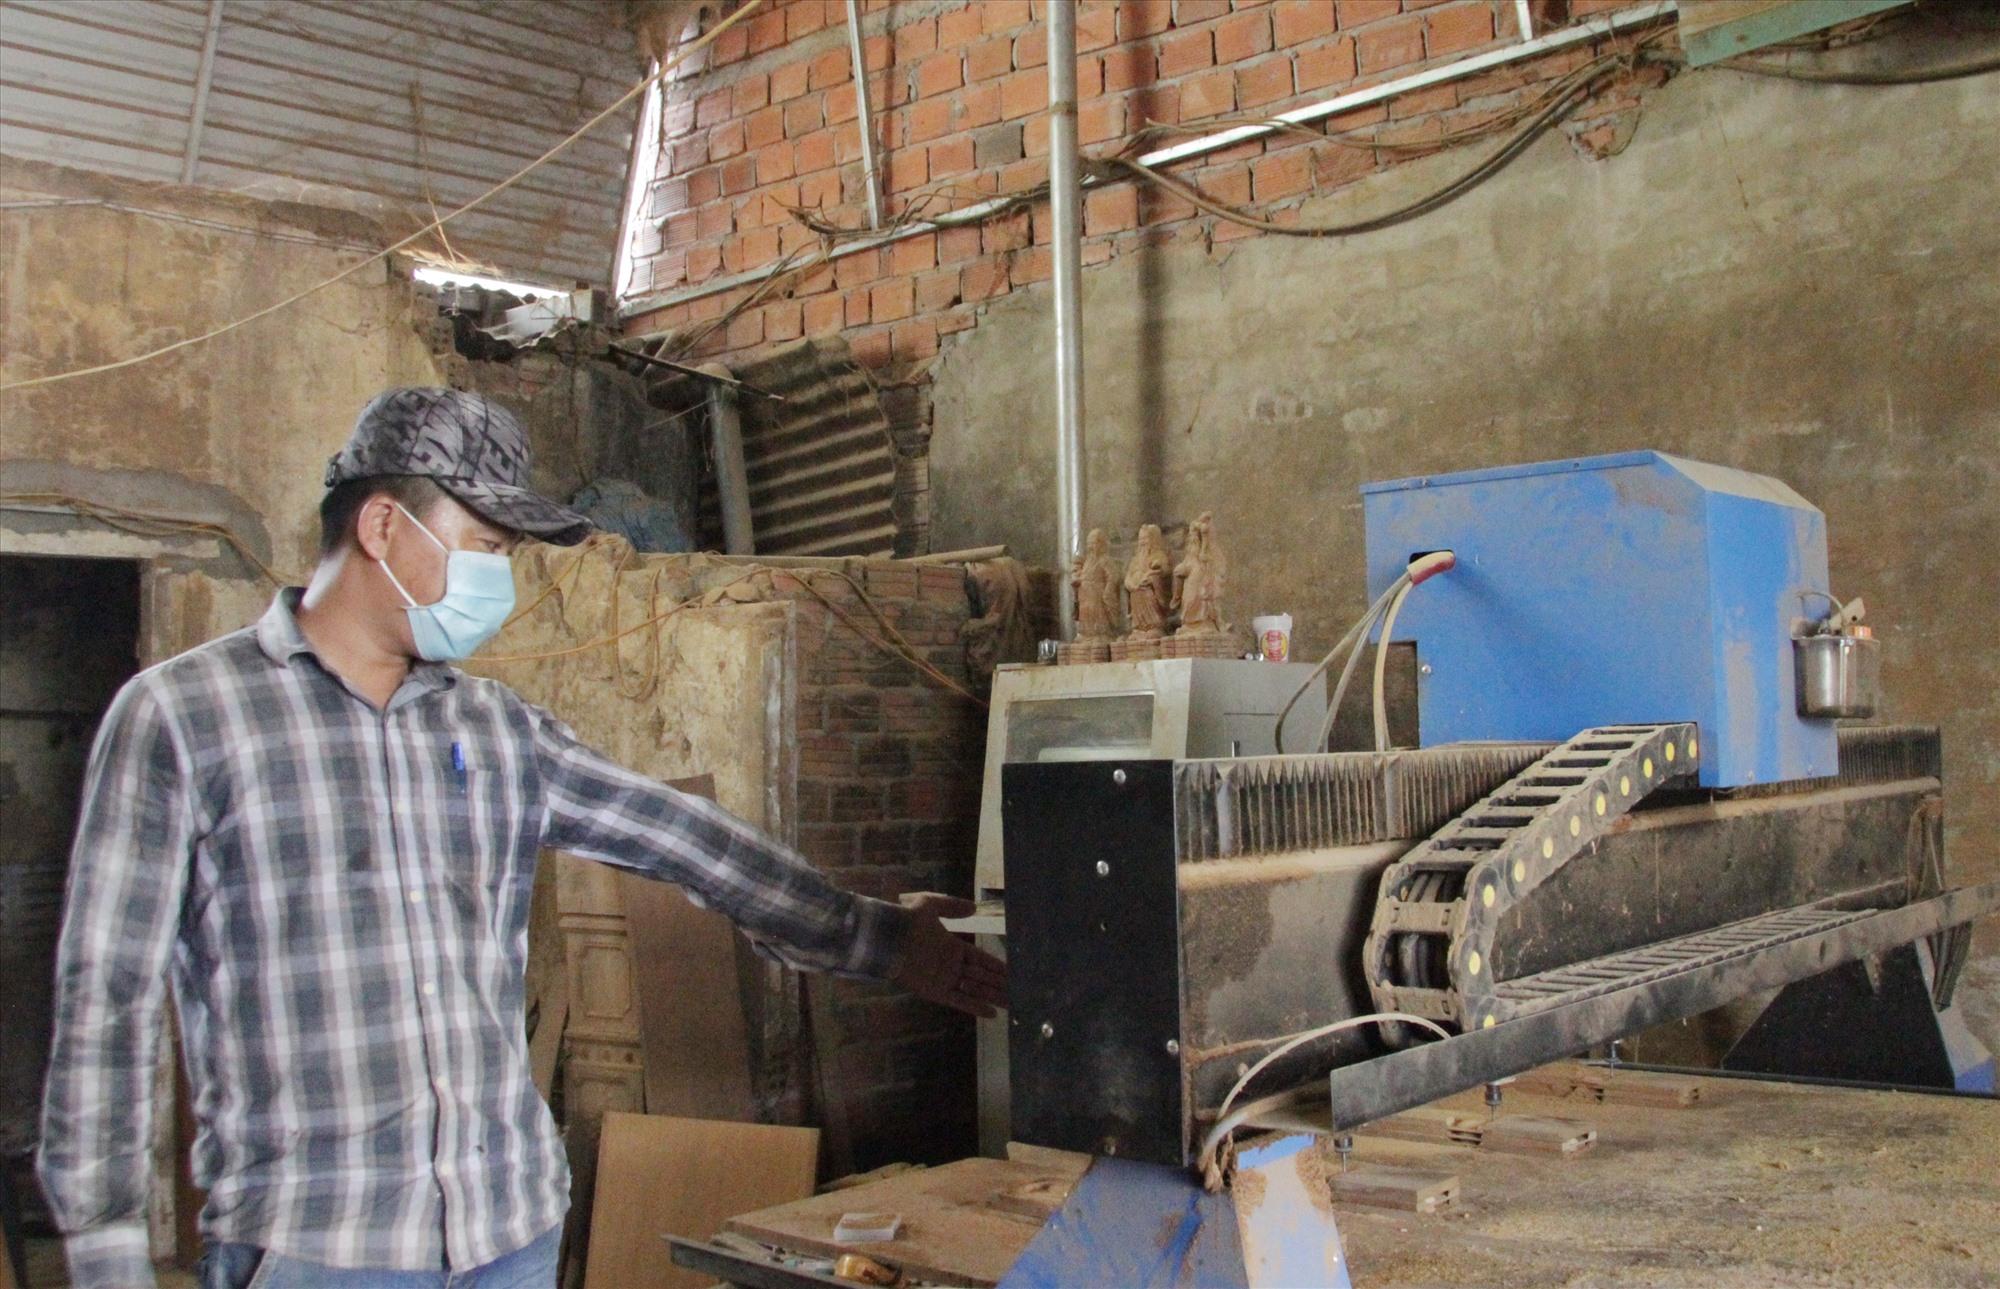 Khi các máy móc trong xưởng mộc bị hư, anh Công là người trực tiếp sửa chữa chúng. Ảnh: H.Q